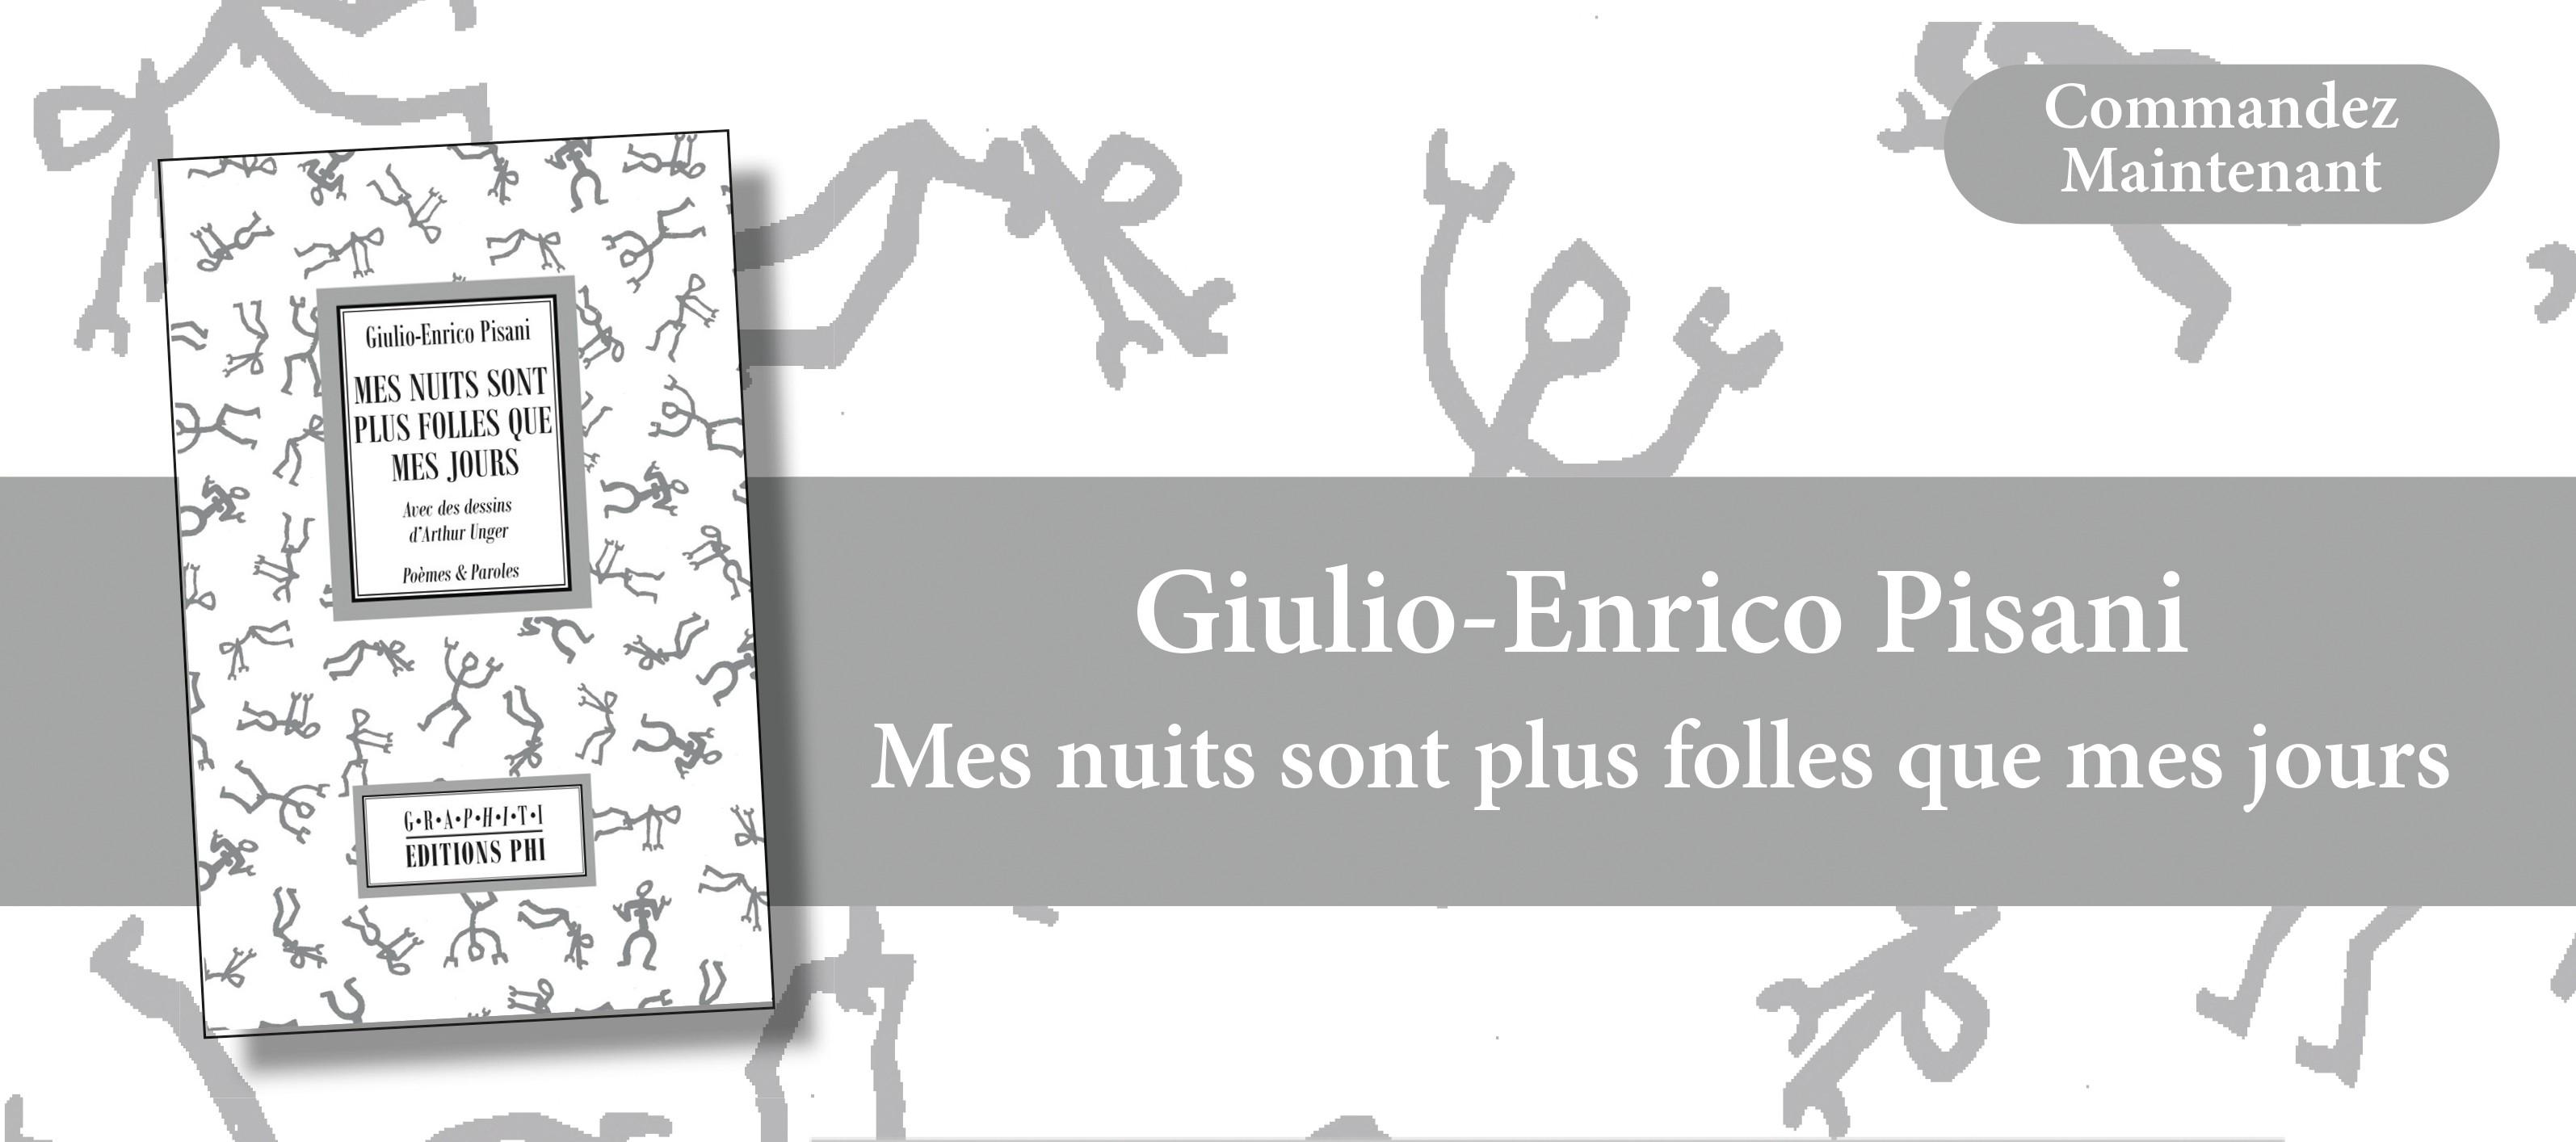 http://www.editionsphi.lu/fr/home/483-giulio-enrico-pisani-mes-nuits-sont-plus-folles-que-mes-jours.html